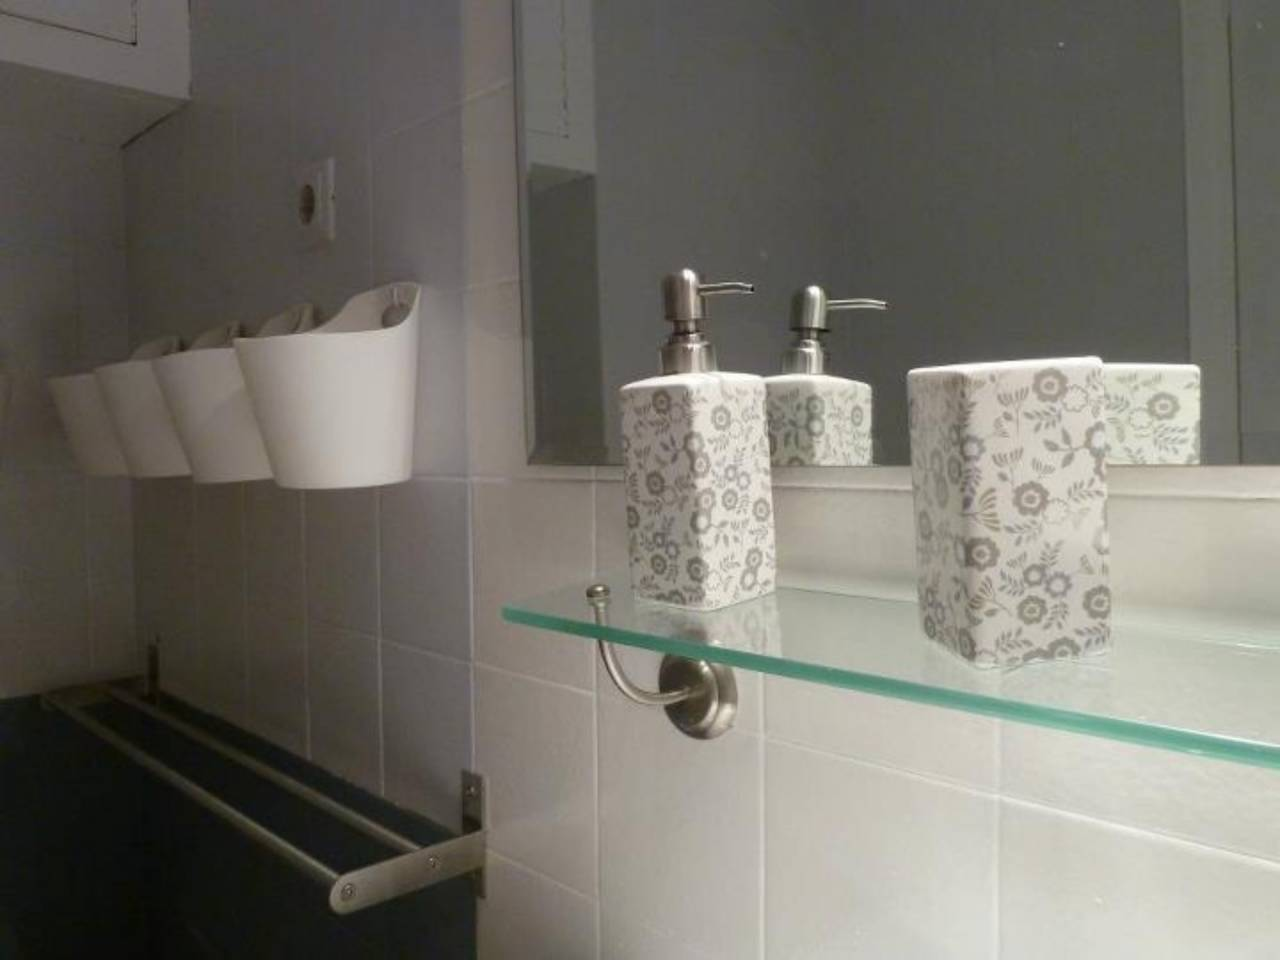 Piso  Calle avda. catalunya. Bonito piso en vilaller, céntrico con todos los servicios a su a